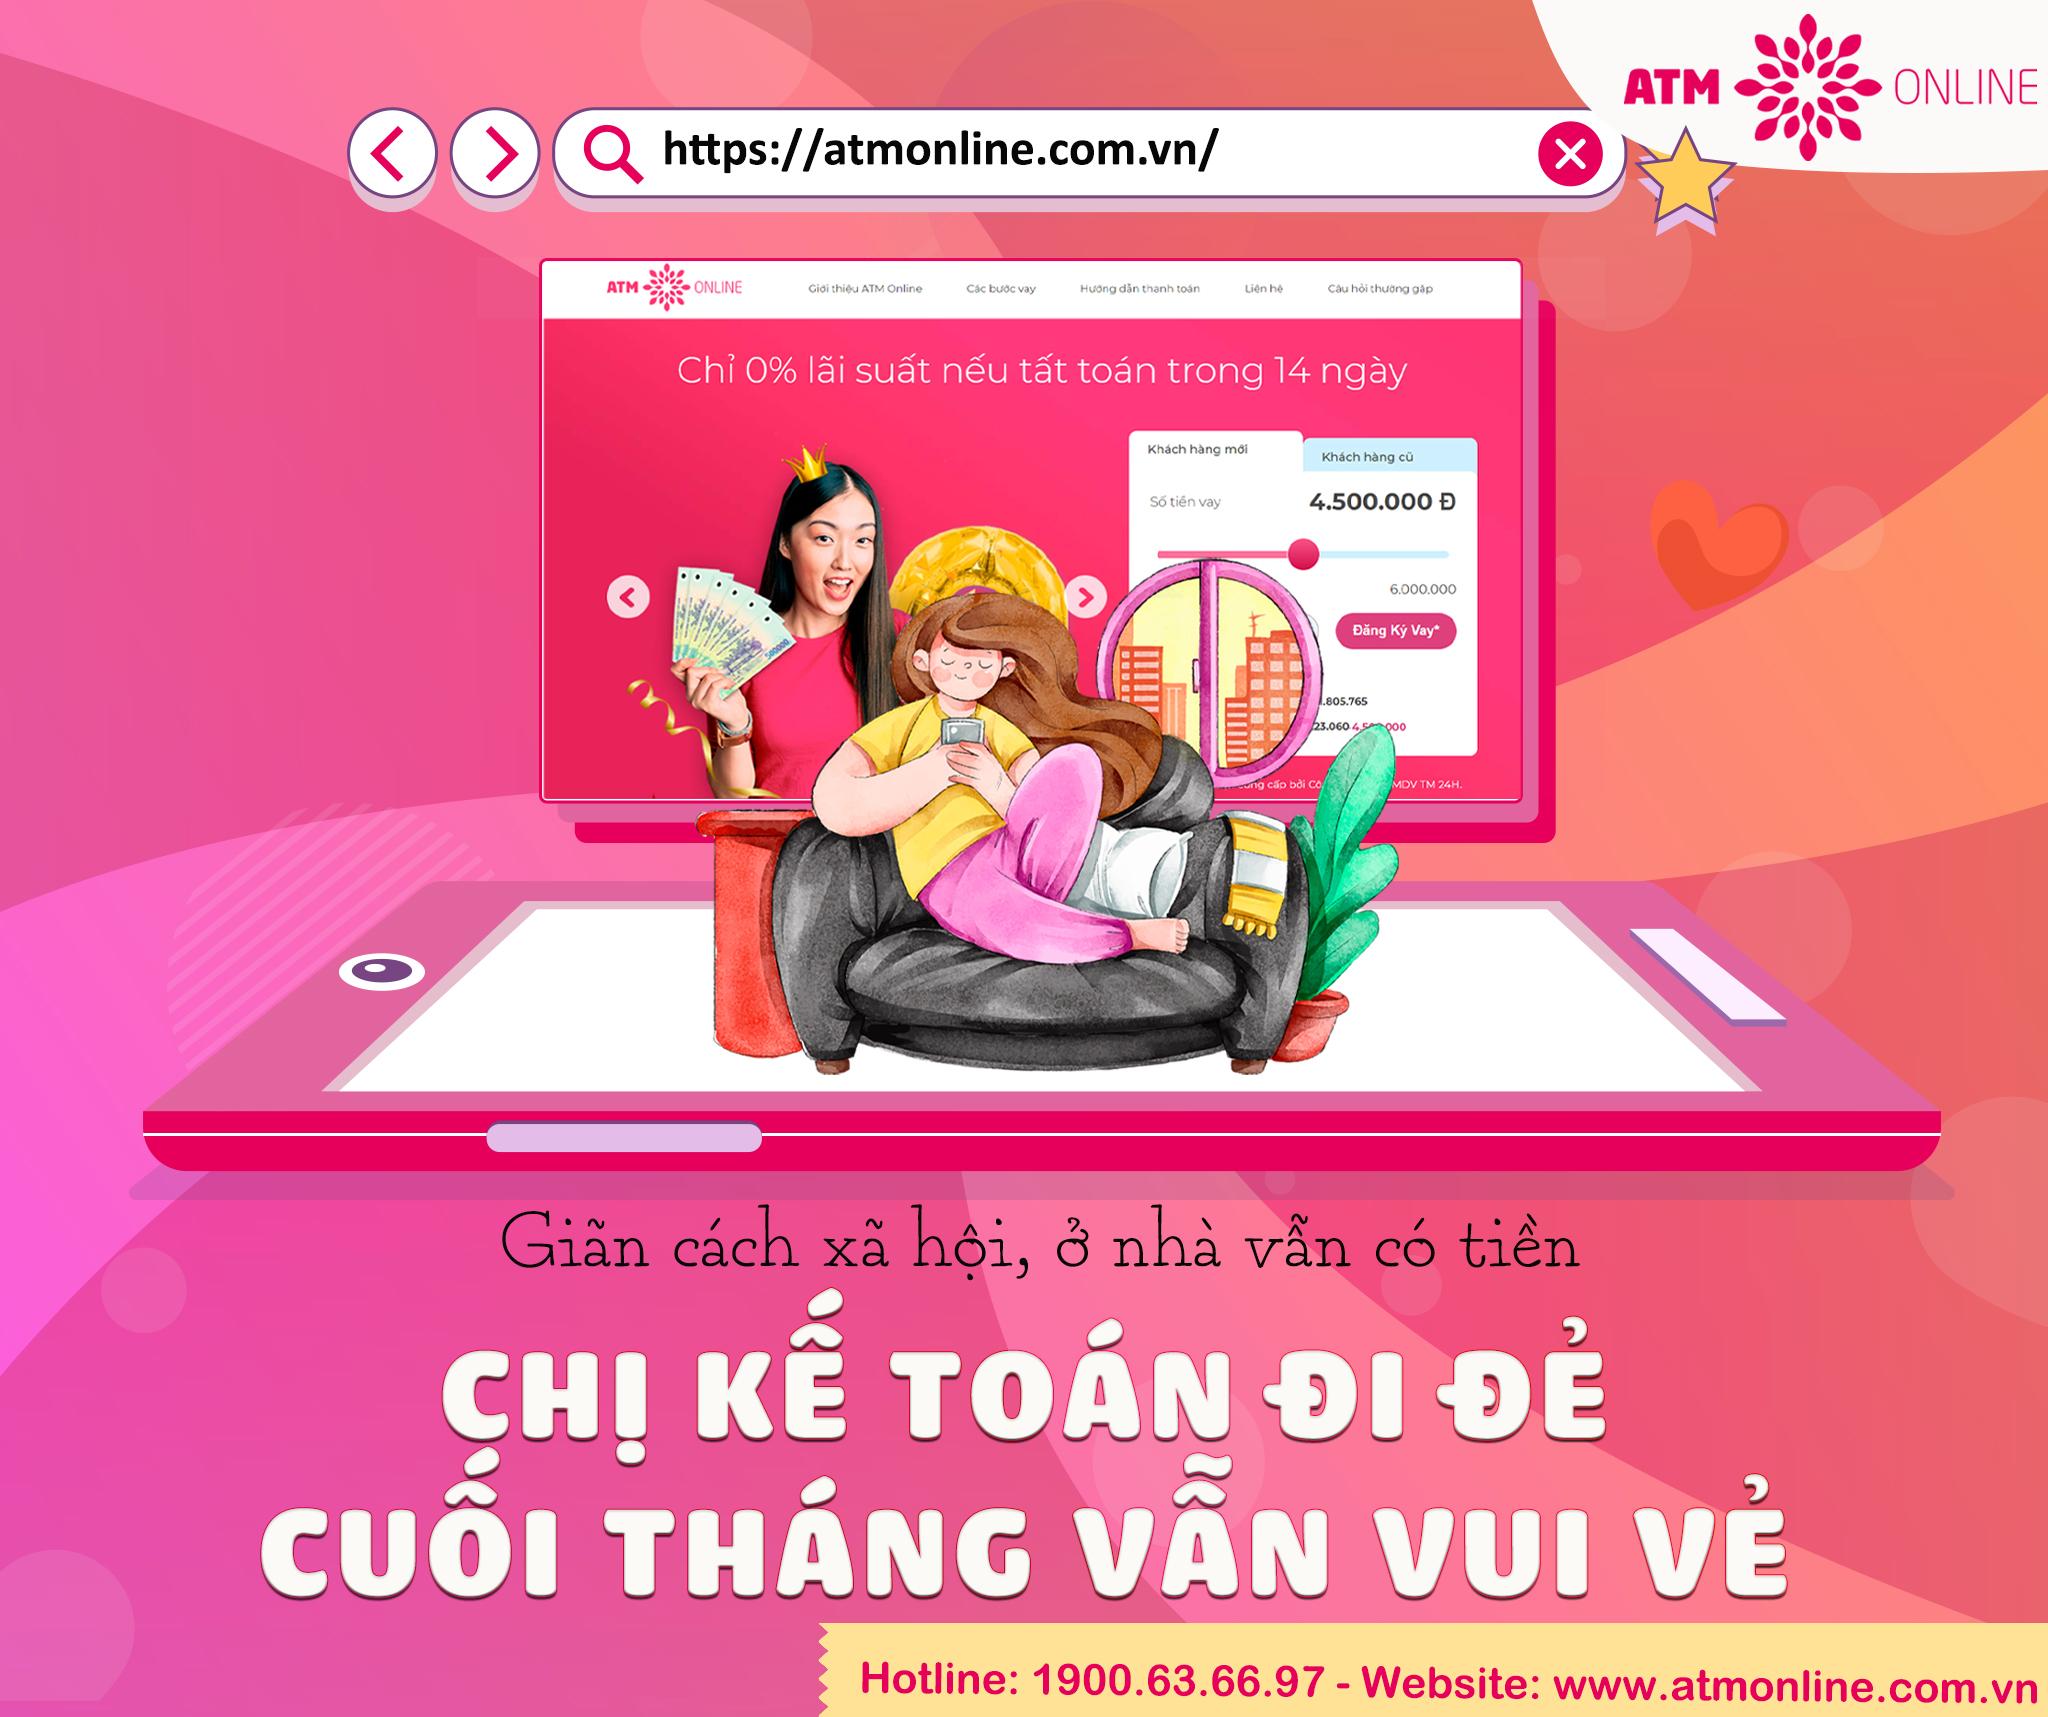 Giới thiệu về ATM Online.